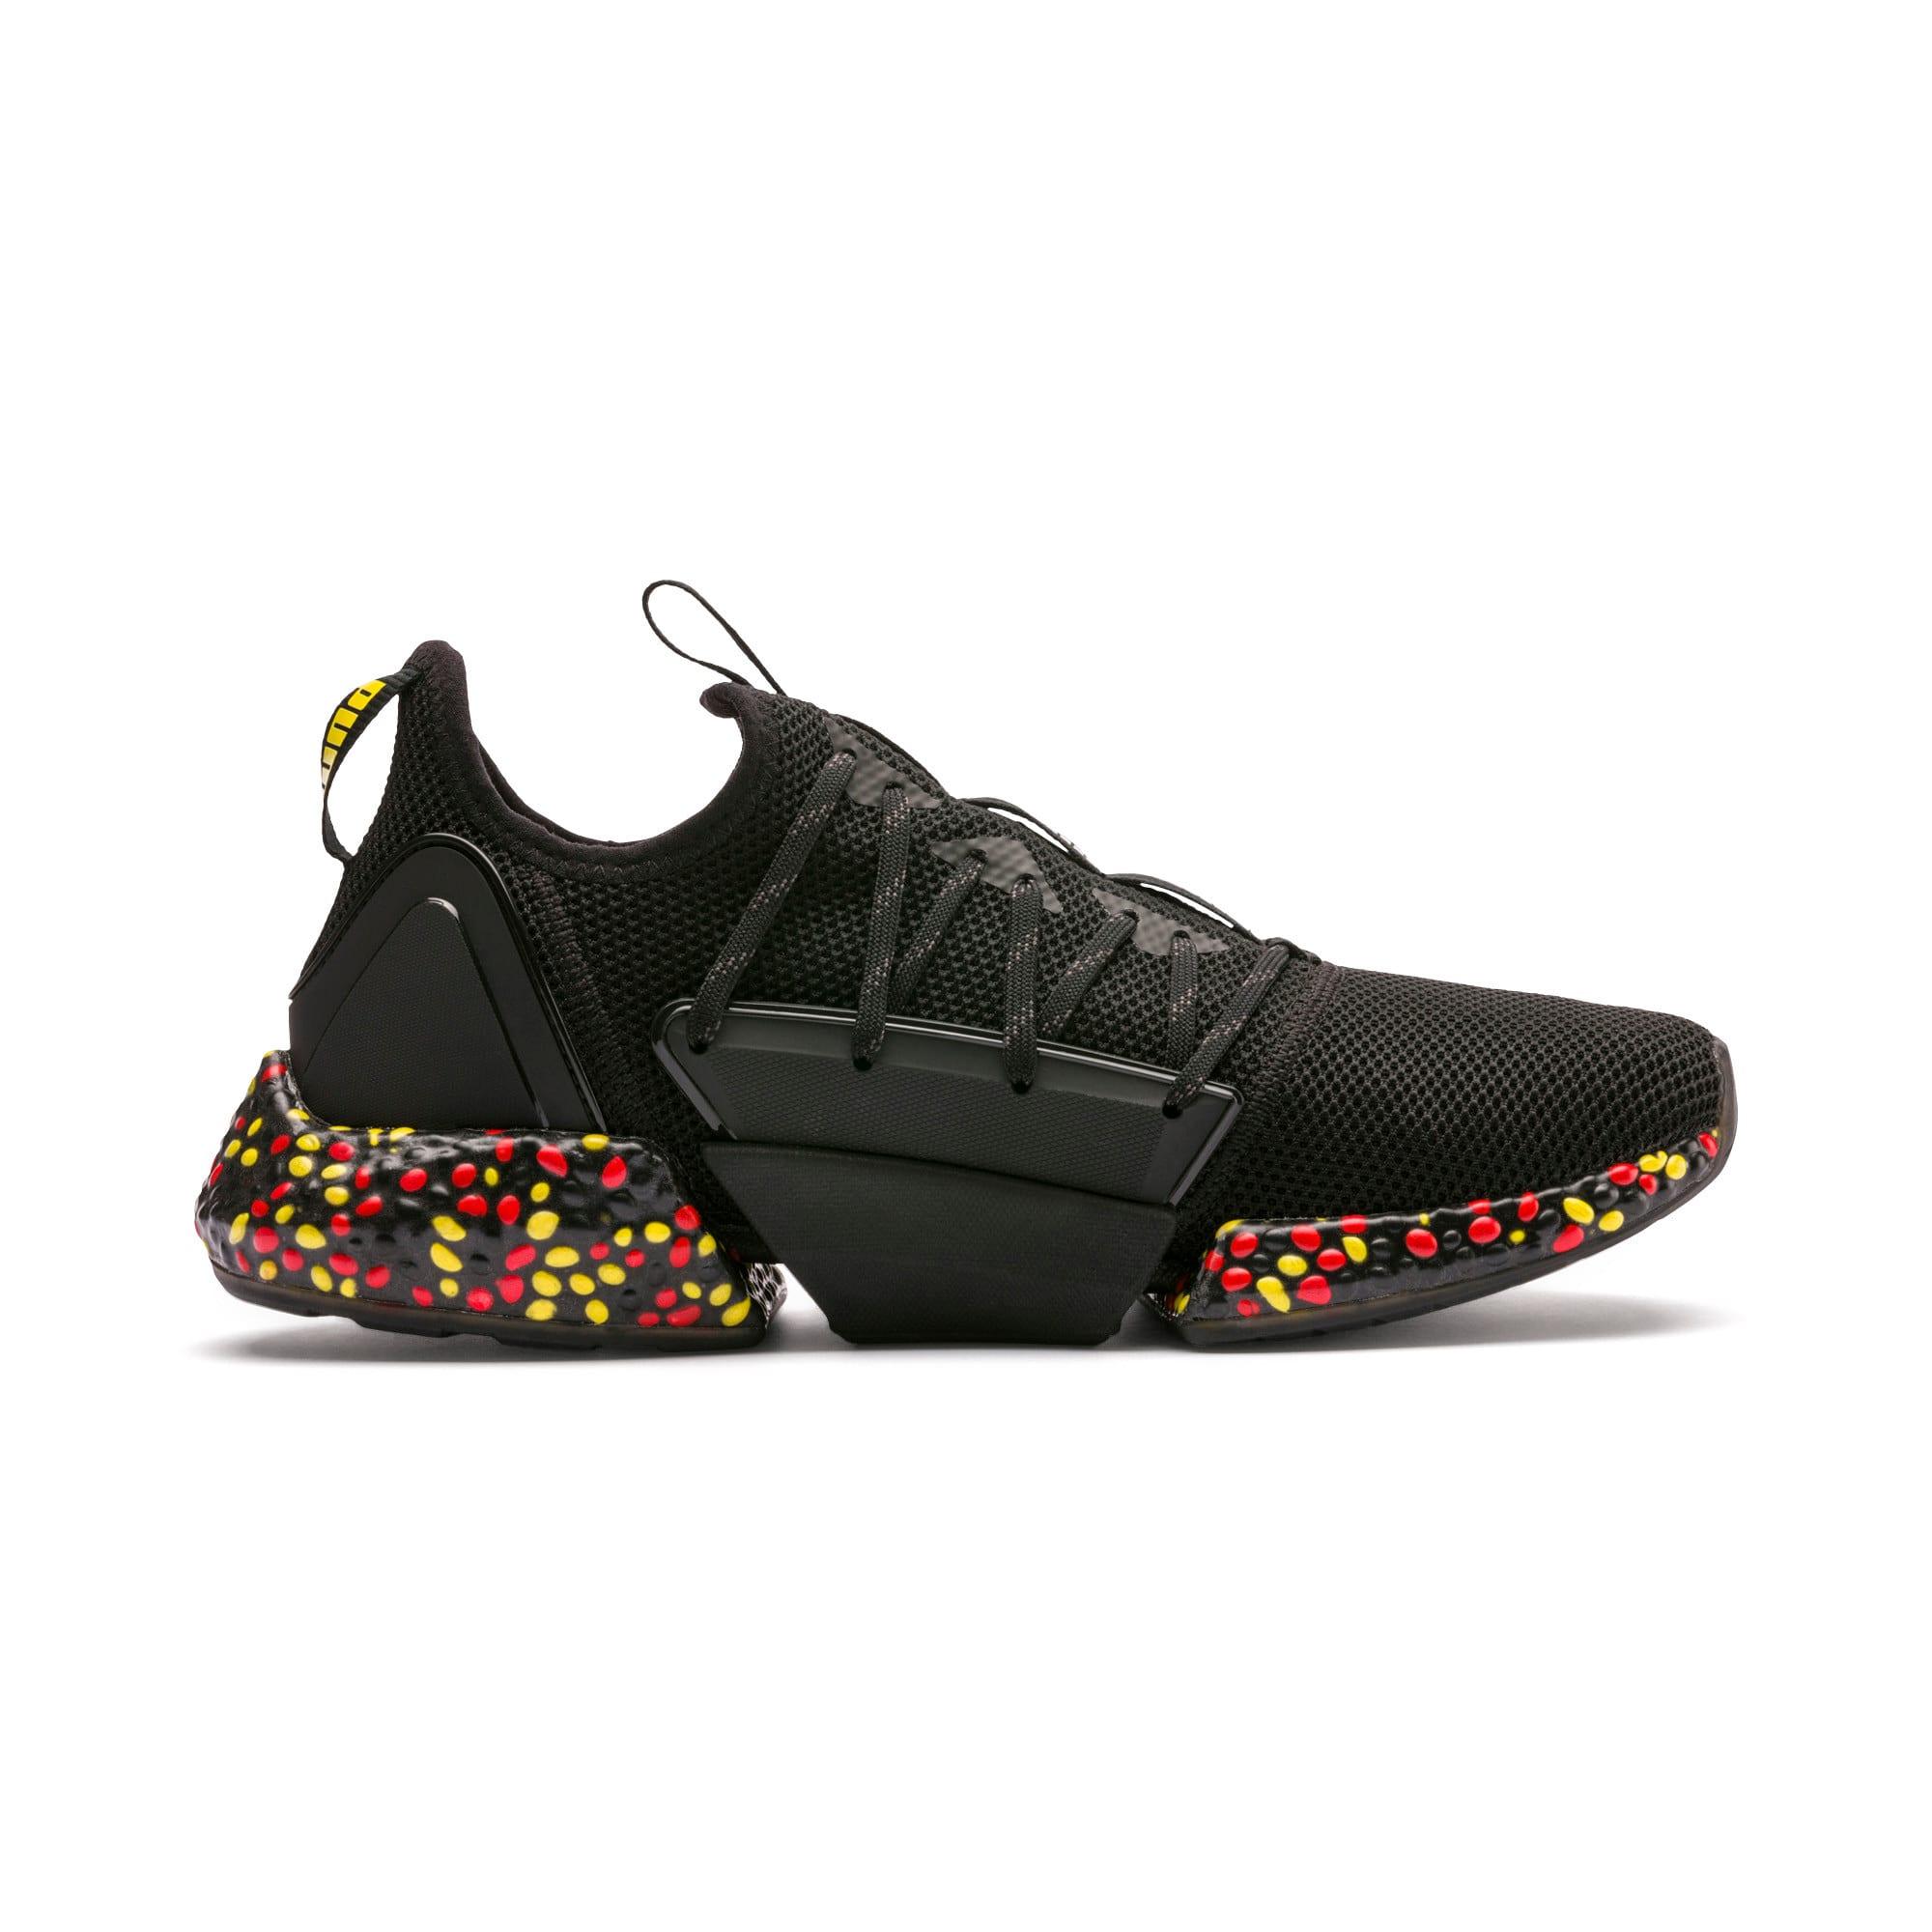 Miniaturka 7 Męskie buty do biegania Hybrid Rocket Runner, Kolor Black-Blazing Yellow-Red, średnie